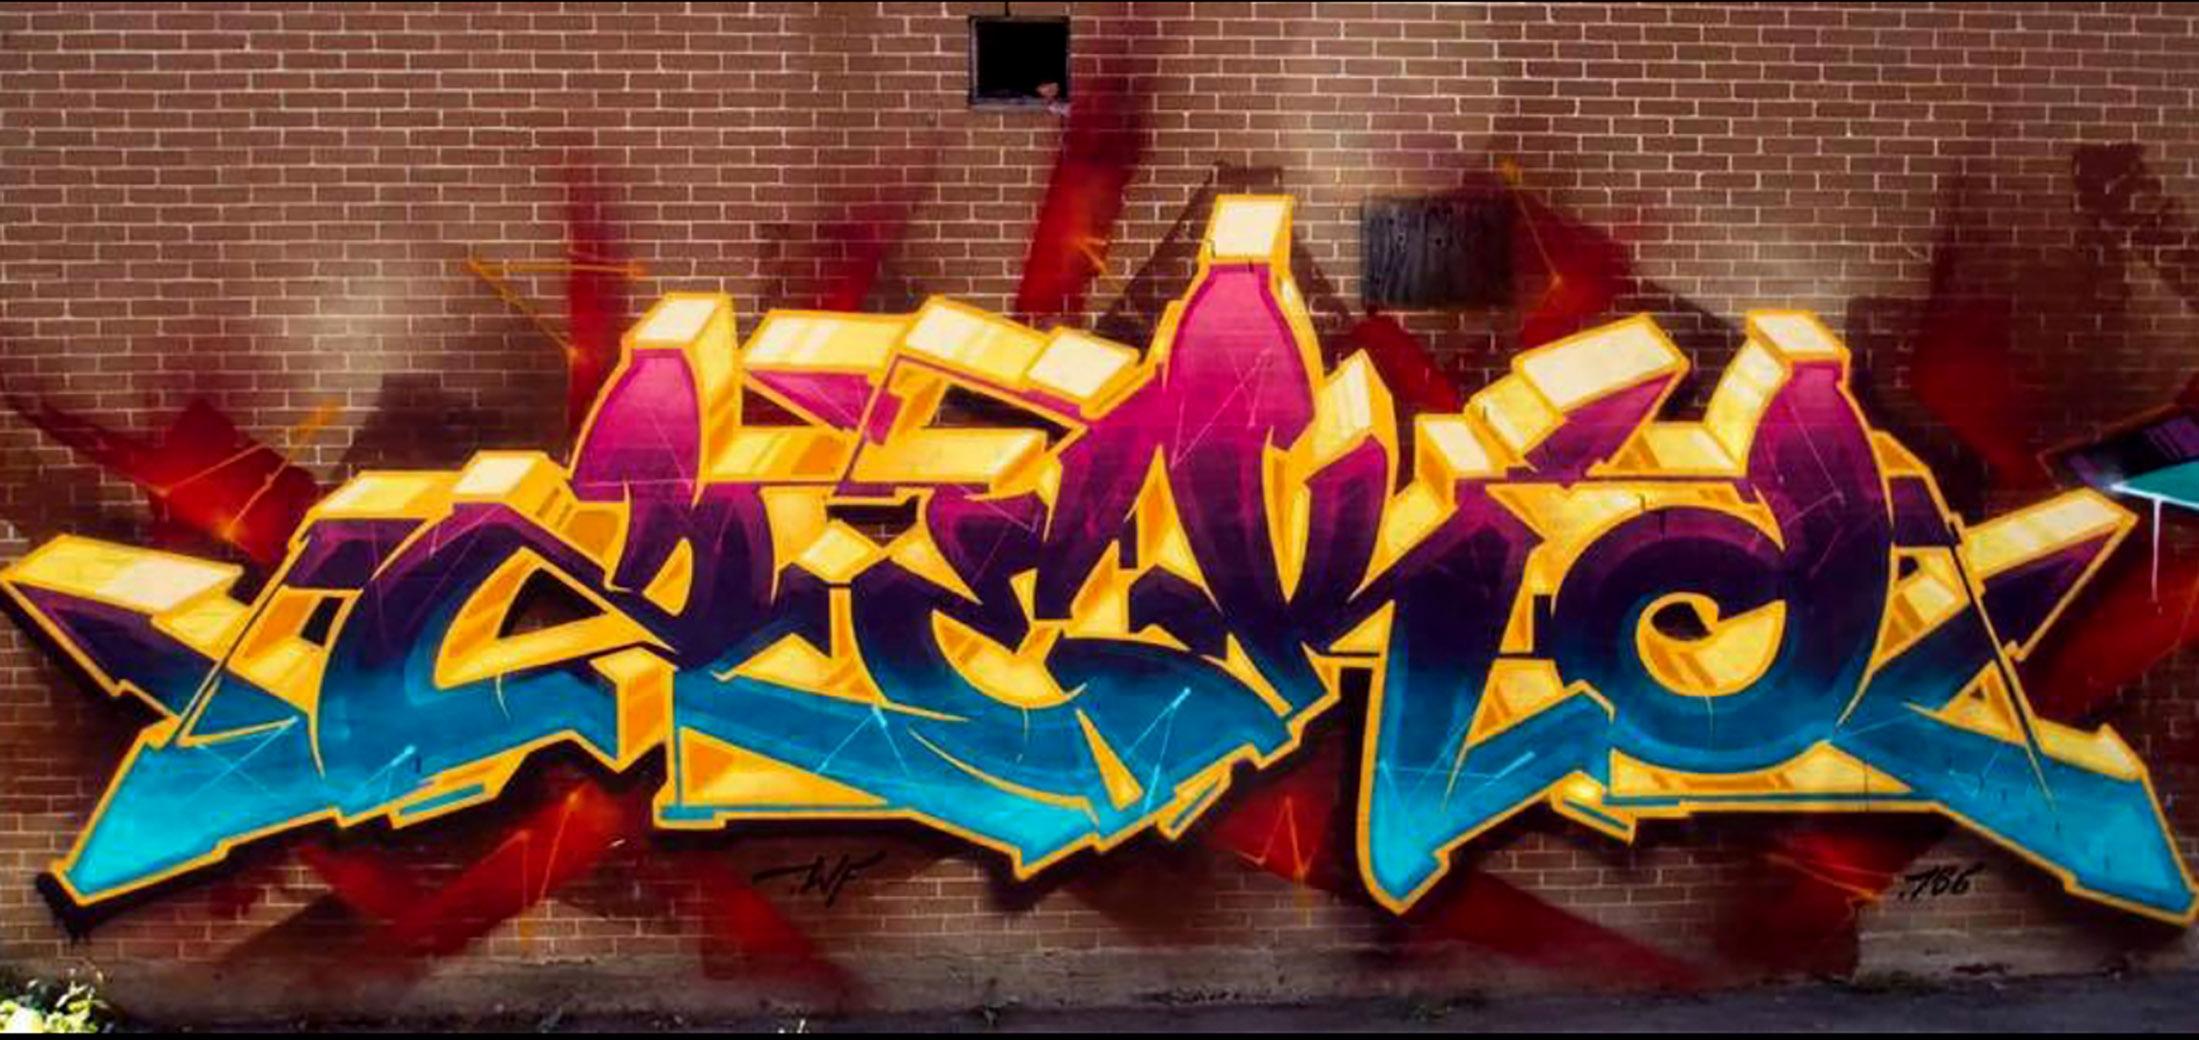 graffiti_2015 web.jpg